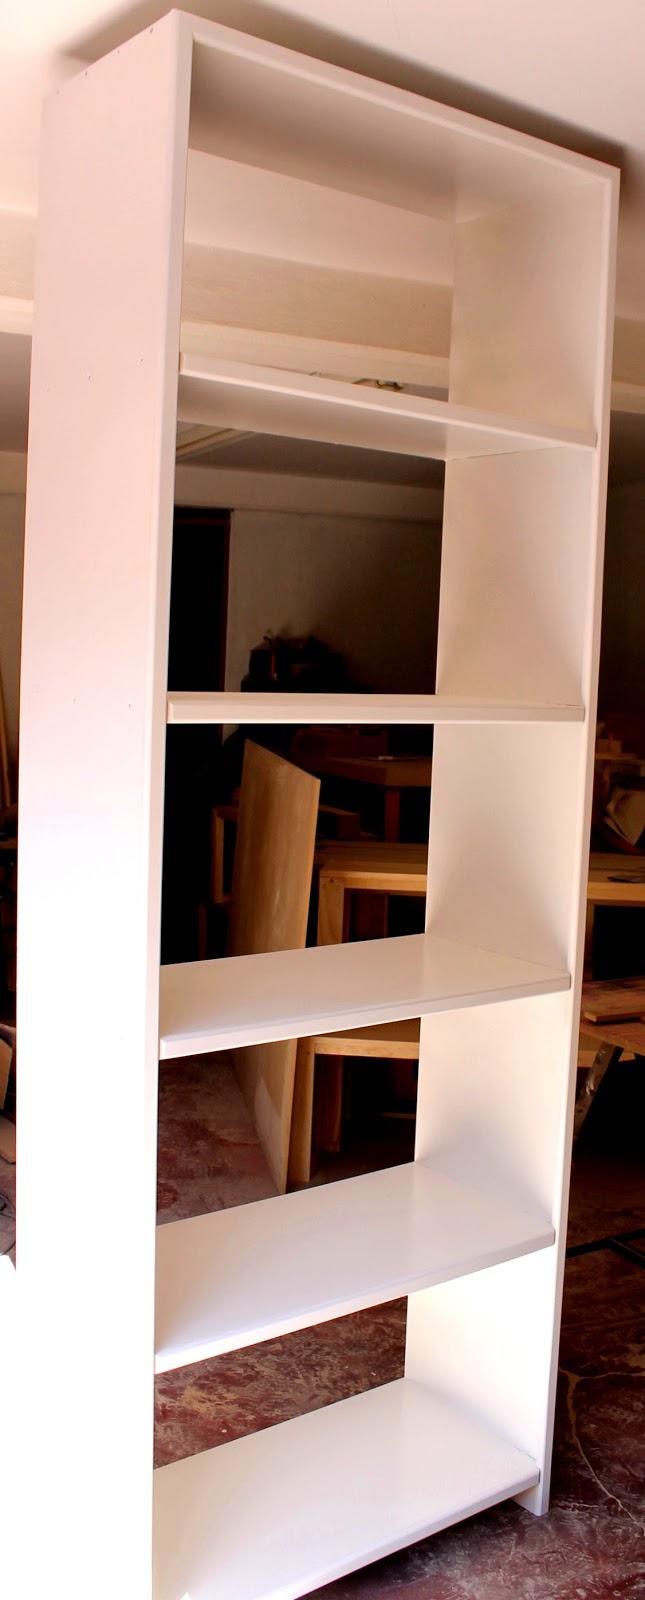 Manualidades en mdf: Mueble para cocina de 242 de alto por 45 de ...